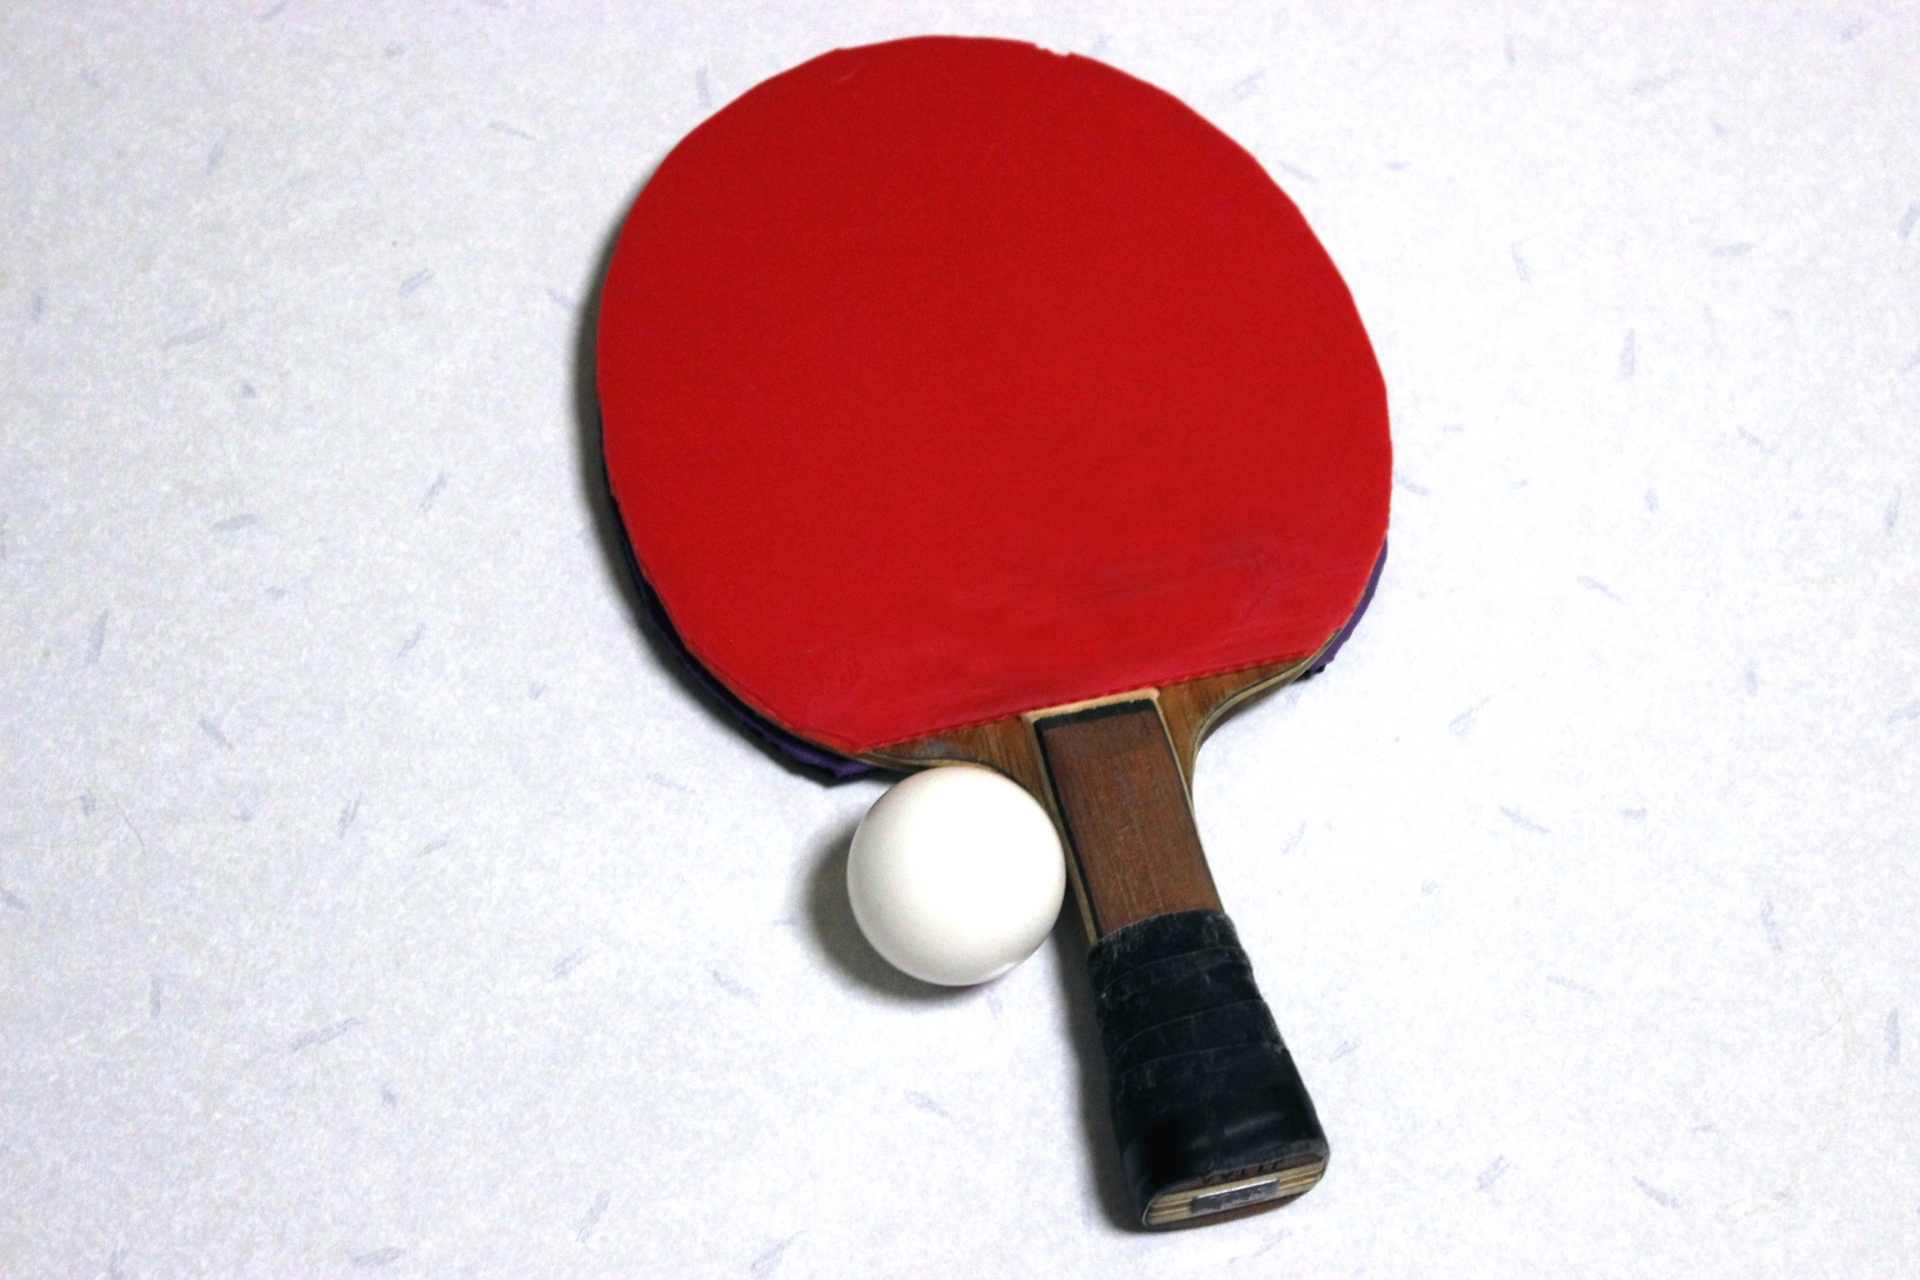 卓球裏ソフトラバーとは?種類と特徴、選ぶ時のポイント。